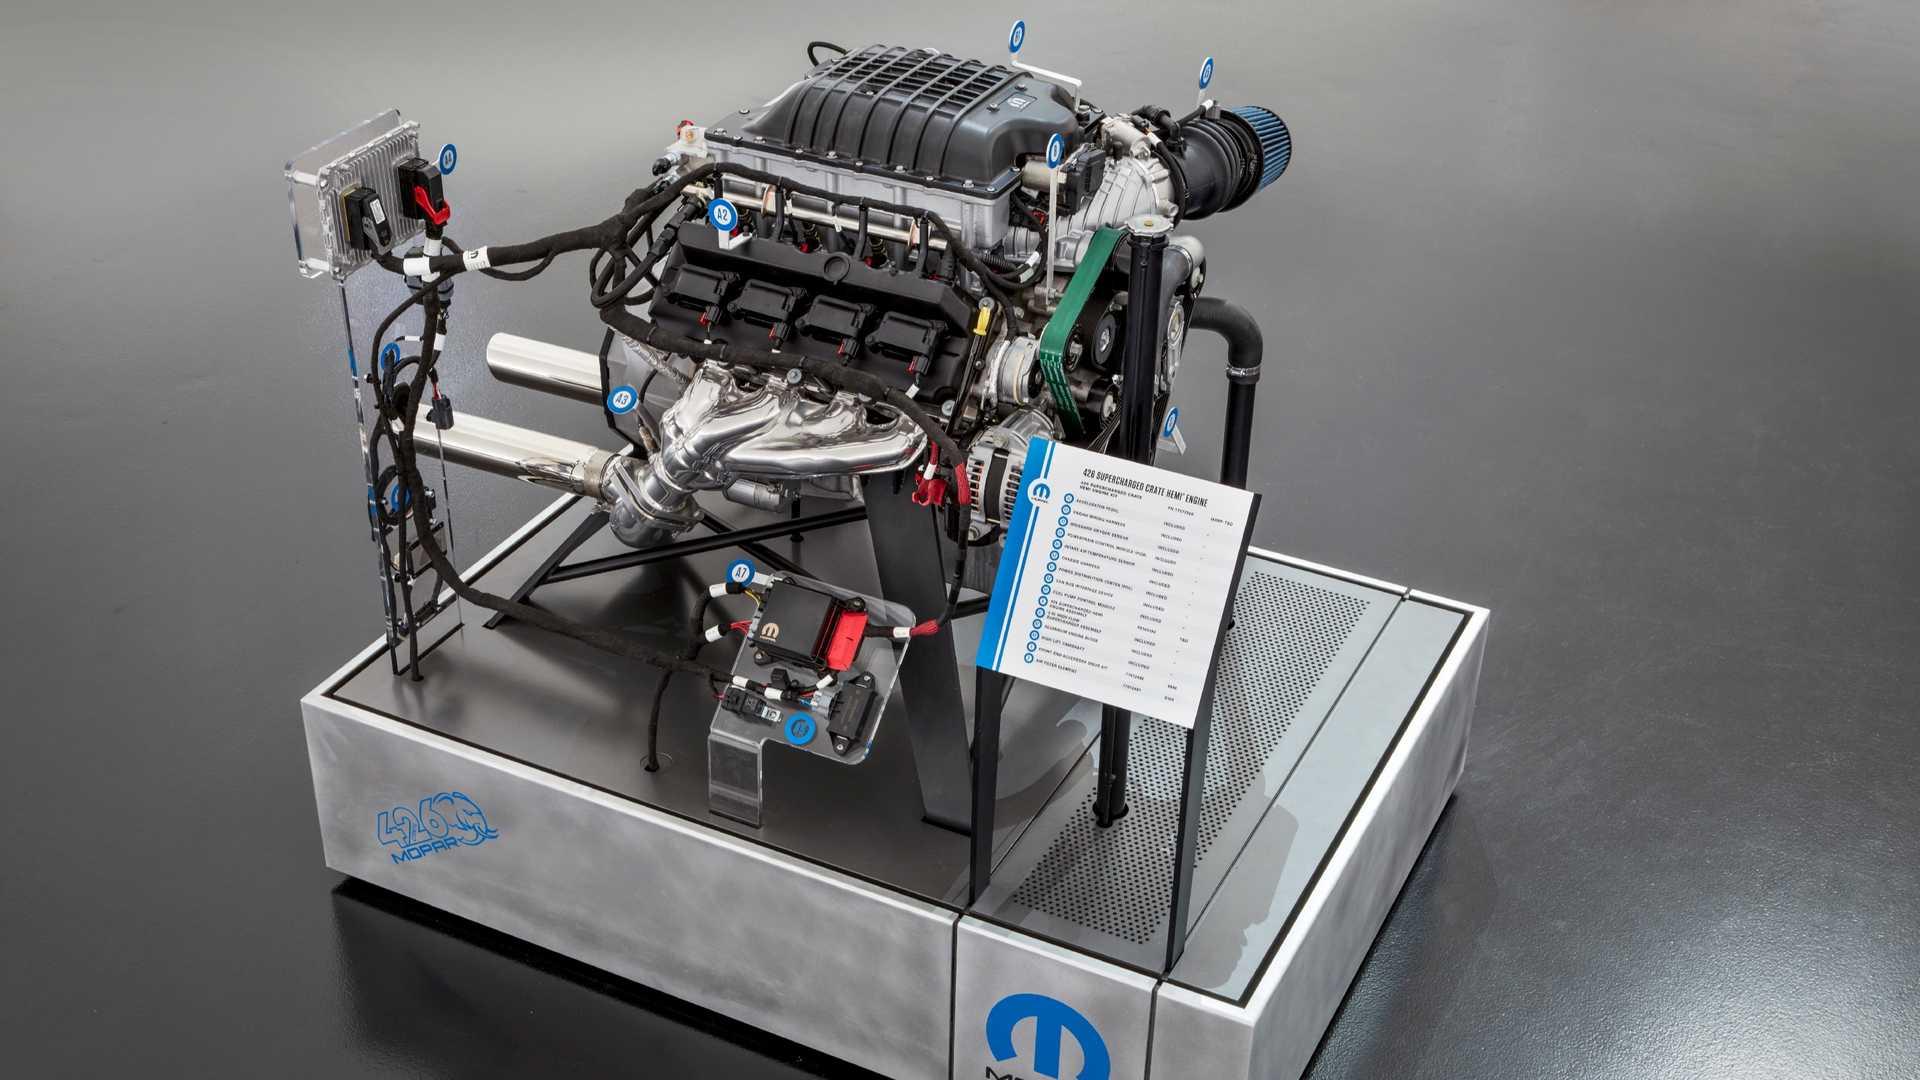 Mopar распродал все 1000-сильные двигатели Hellephant 1